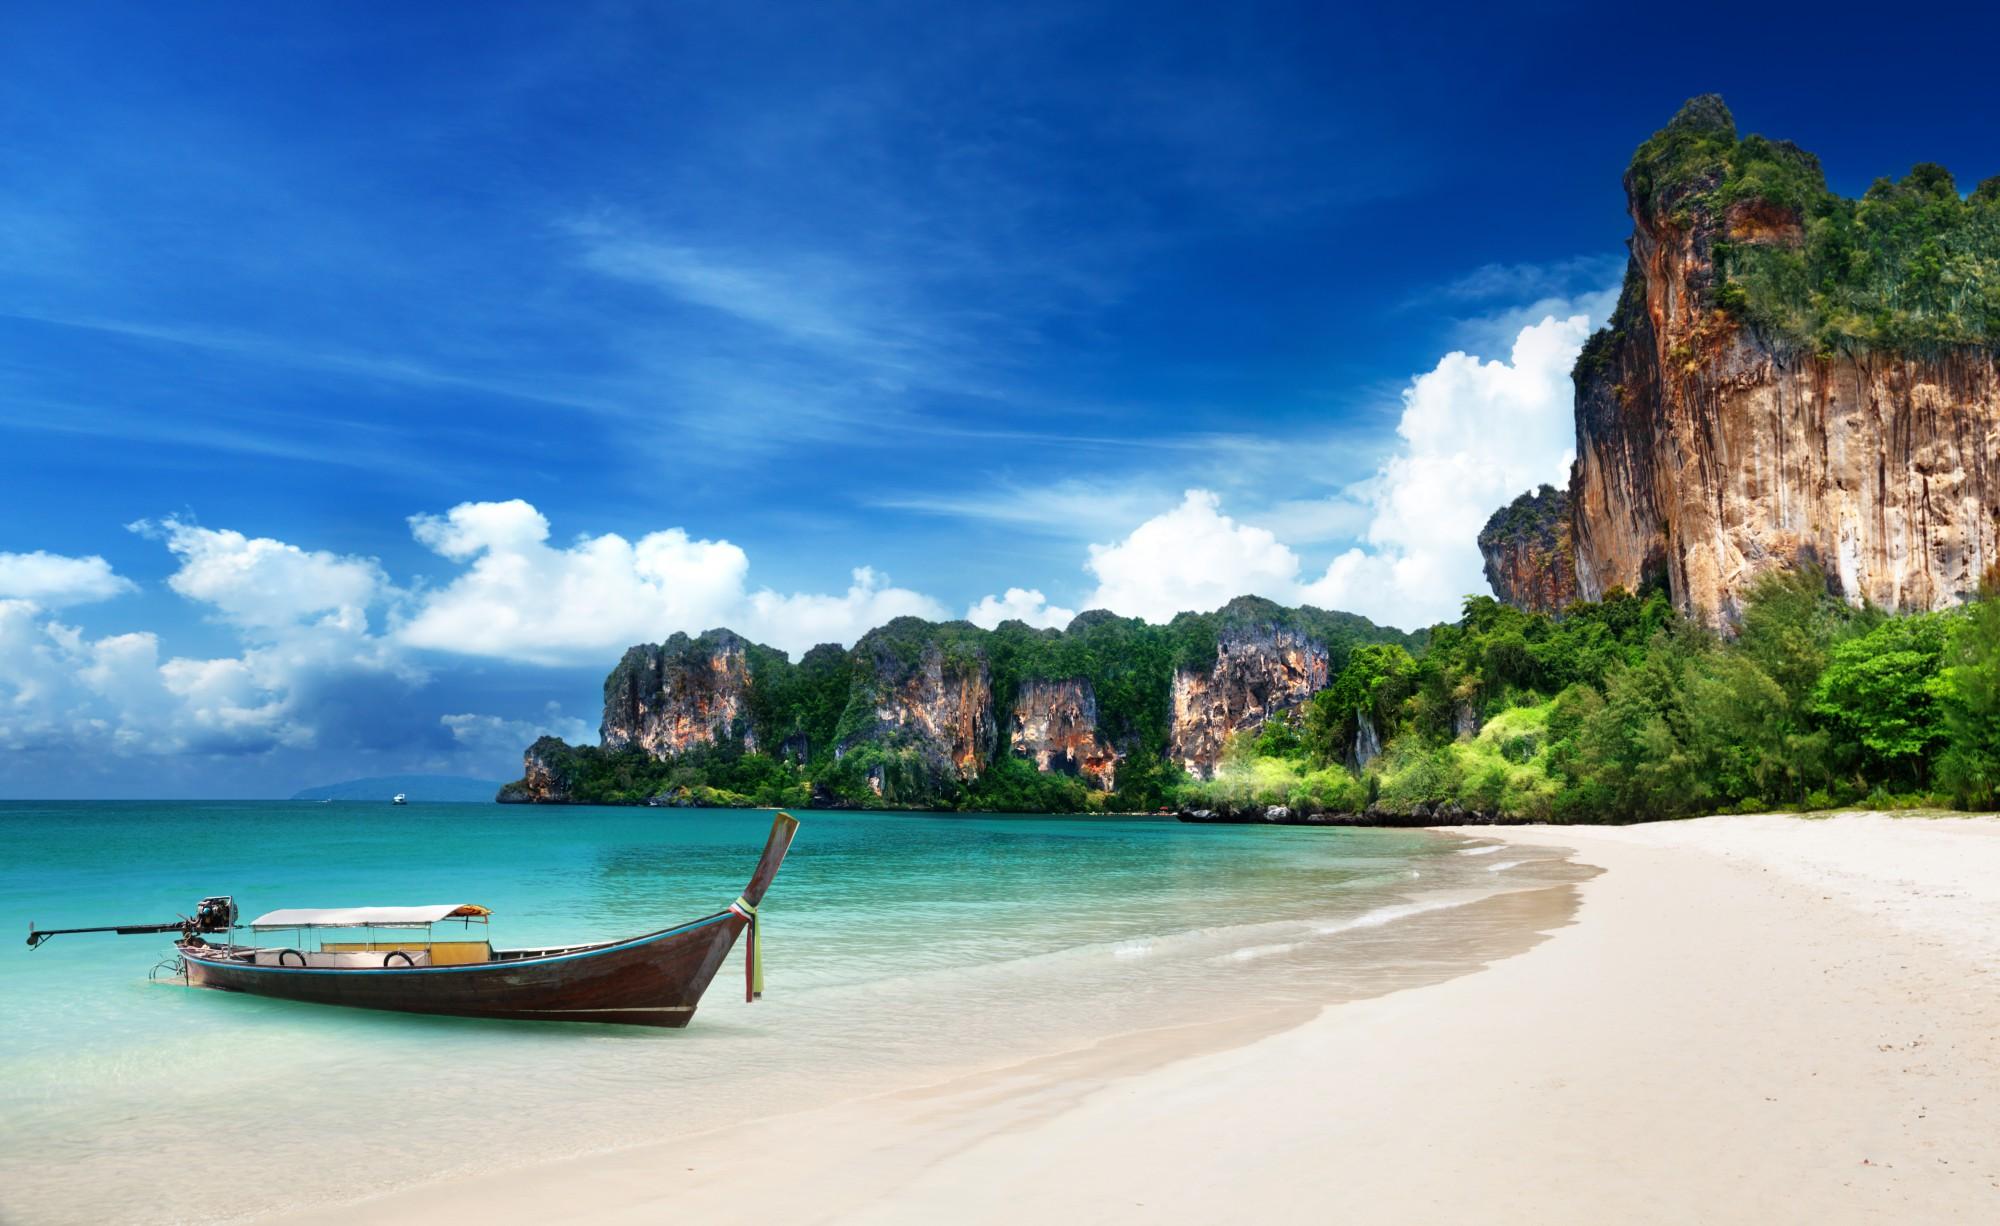 webové stránky zdarma pro thajsko moje láska randění a setkání